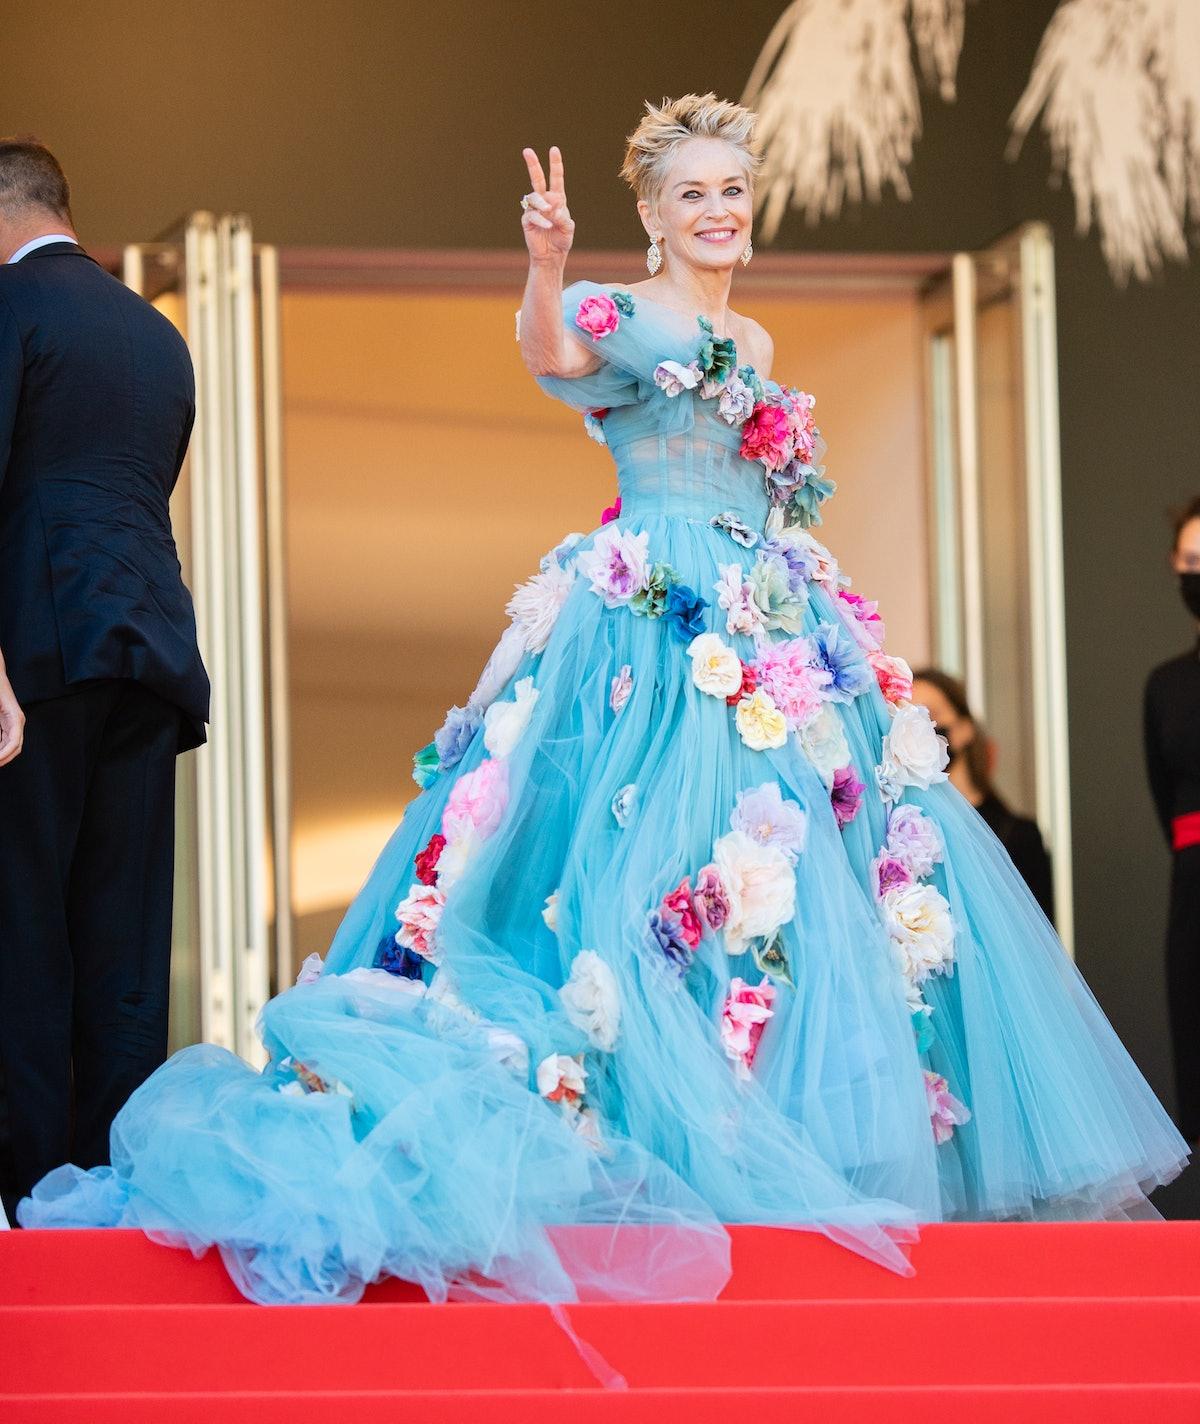 شارون استون لباس نخی آبی پوشیده و گل هایی روی آن است